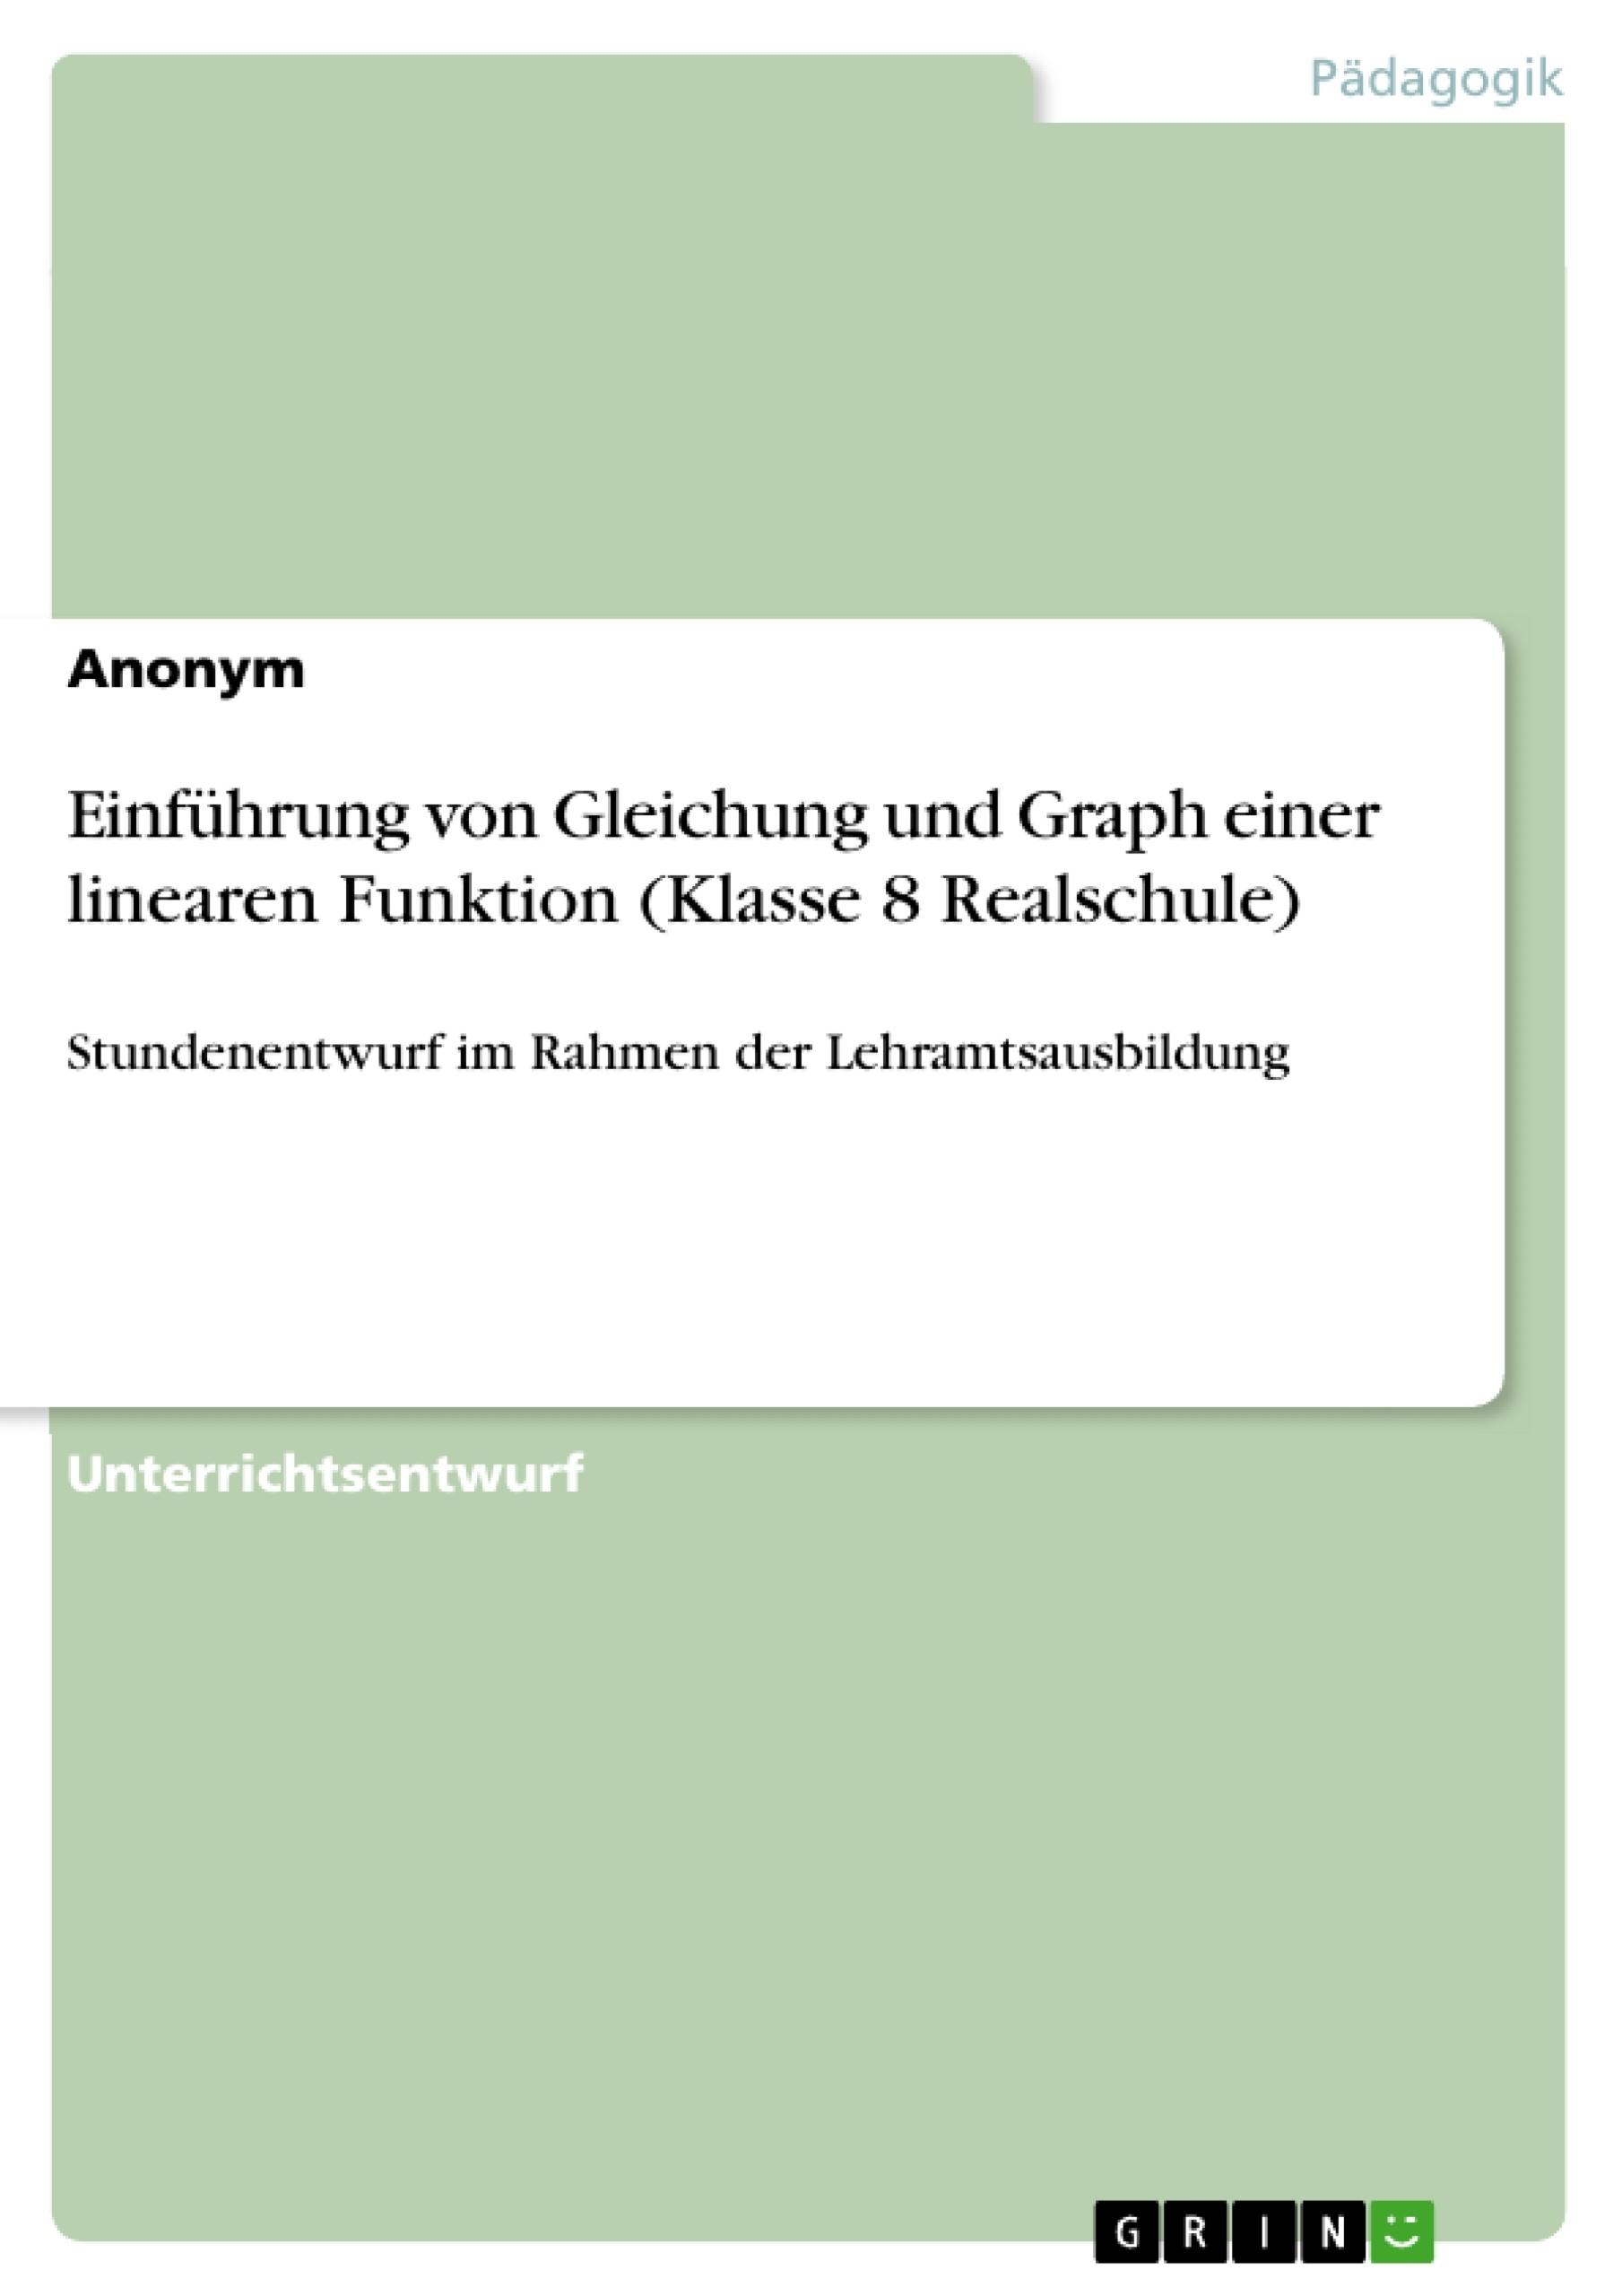 Titel: Einführung von Gleichung und Graph einer linearen Funktion (Klasse 8 Realschule)